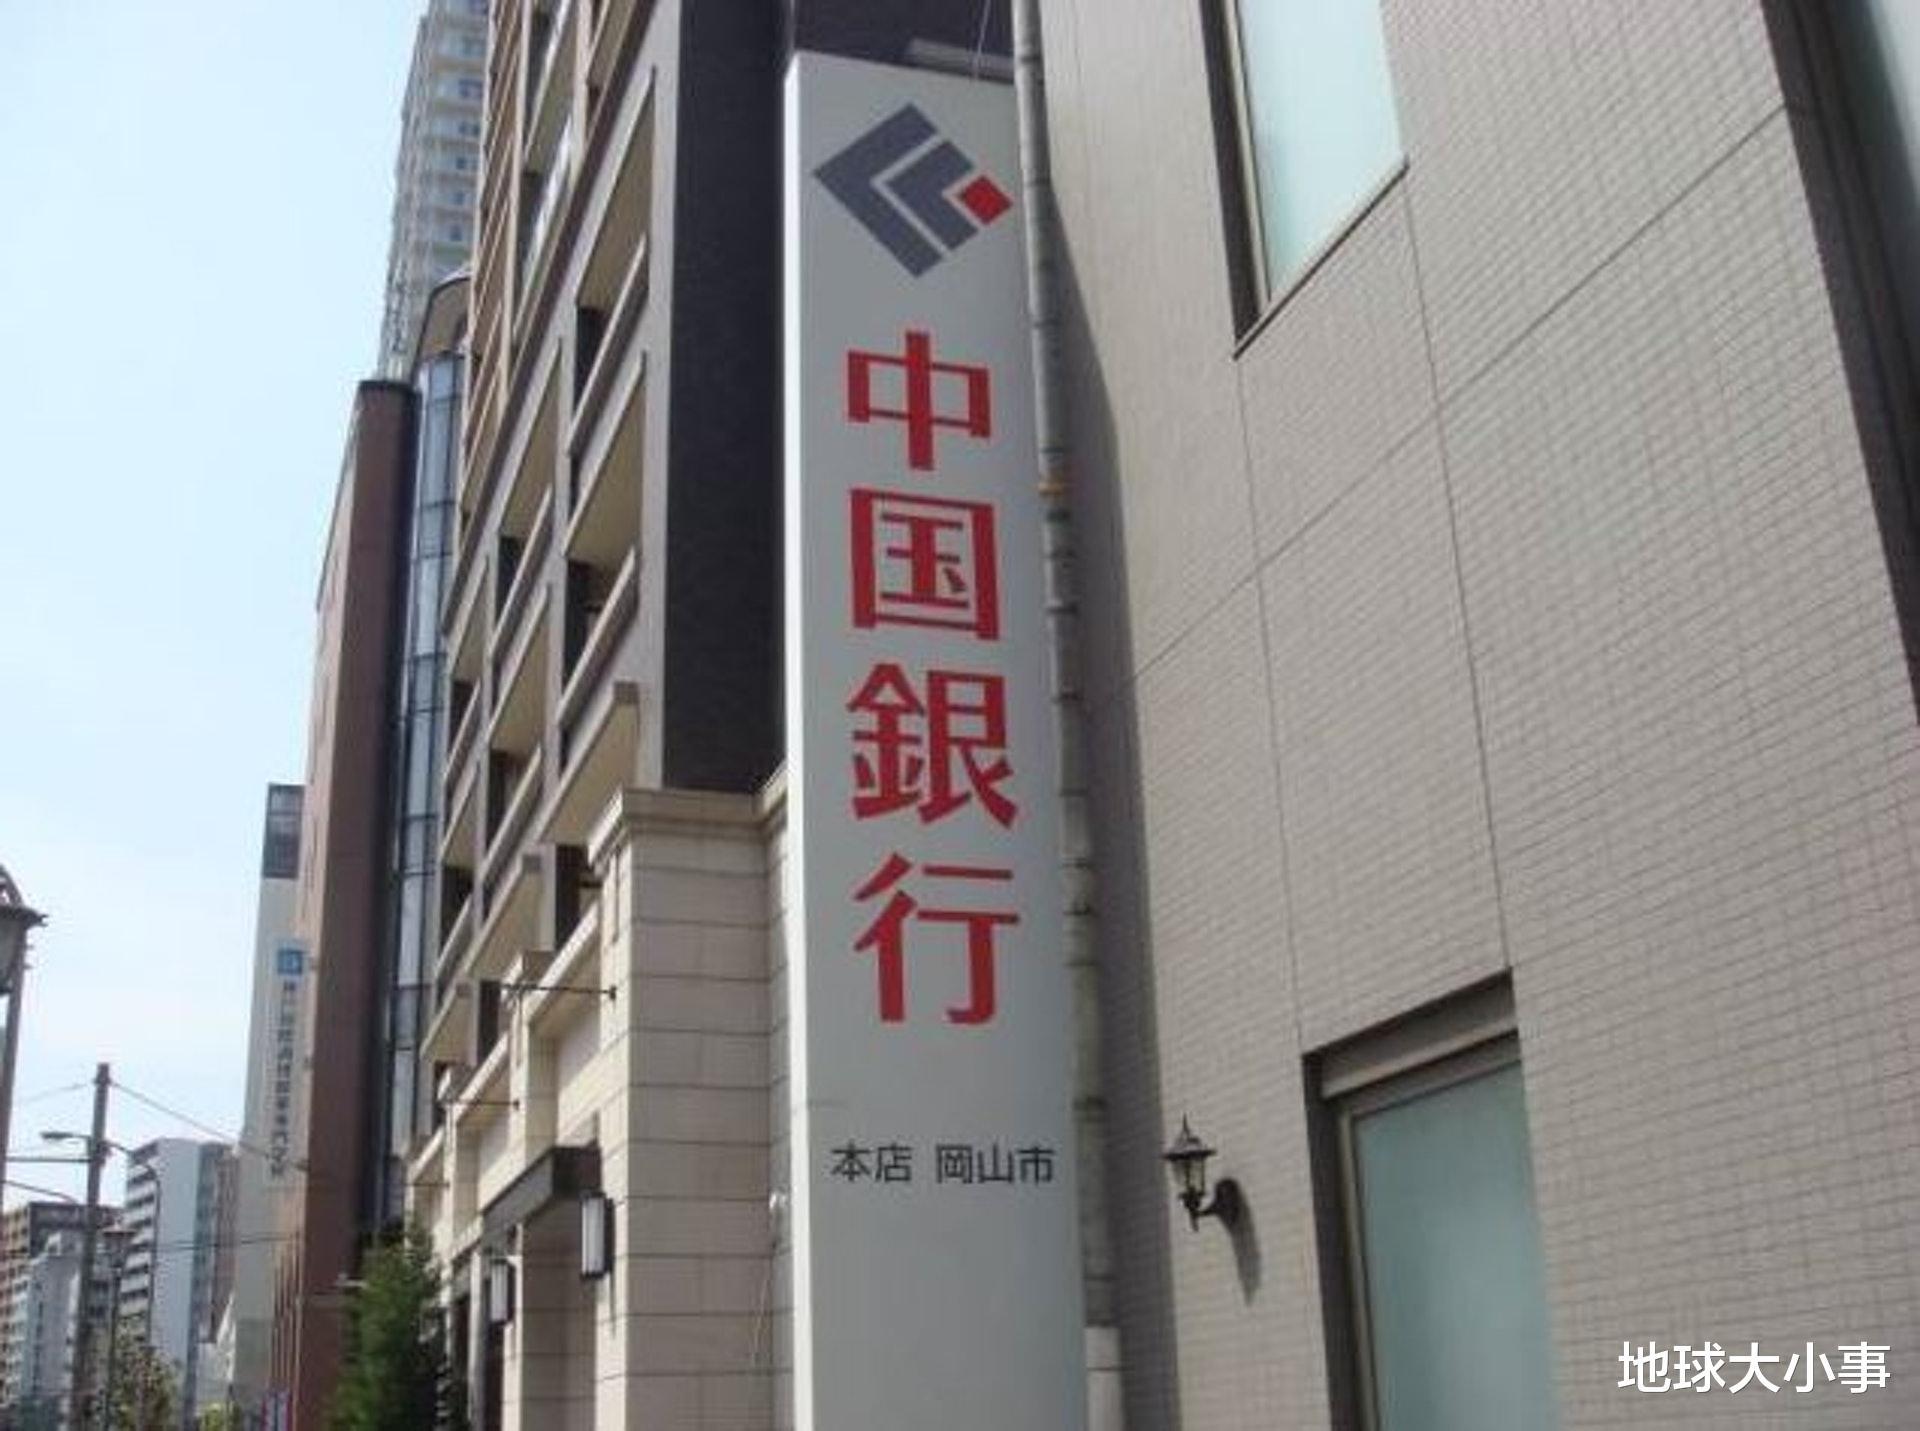 """日本也有""""中國銀行""""?簡體字告示稱與中國無關,網友:天大誤會-圖2"""